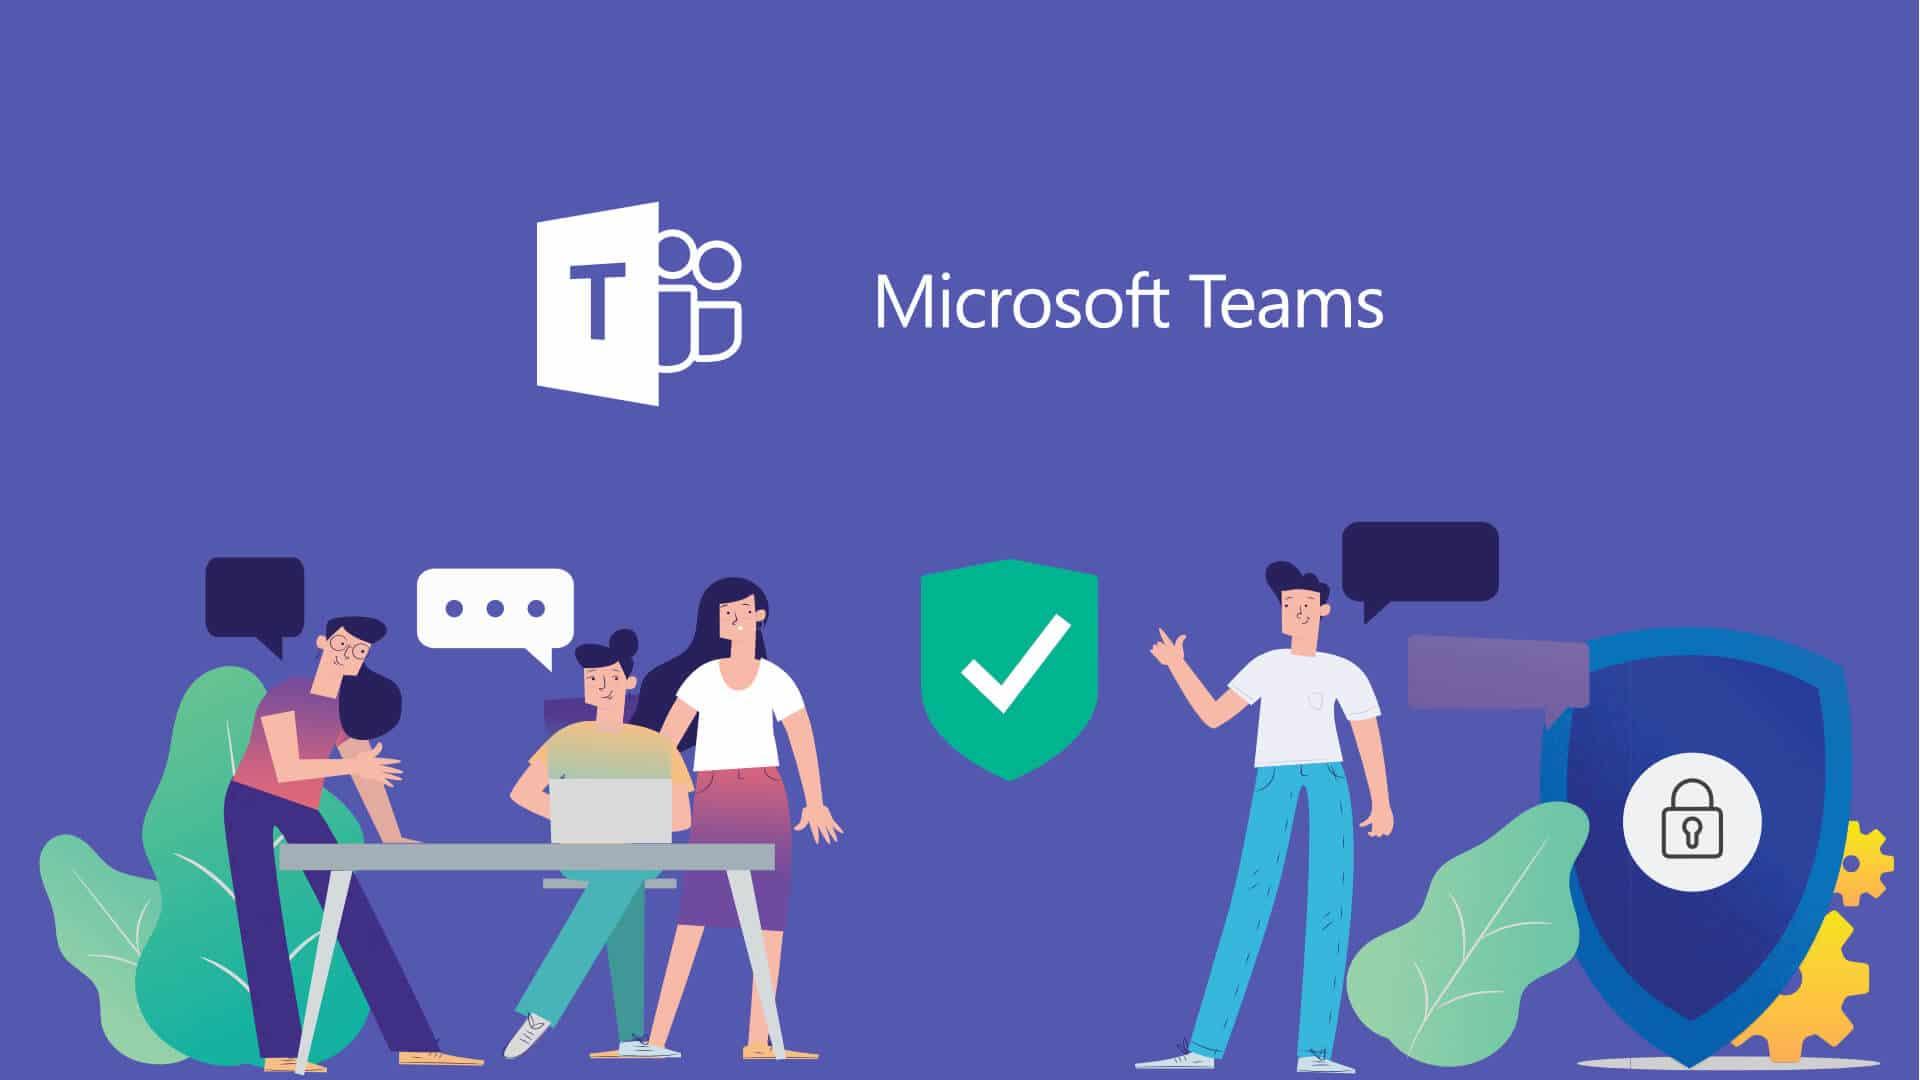 خدمة Teams من مايكروسوفت تتفوق على سلاك